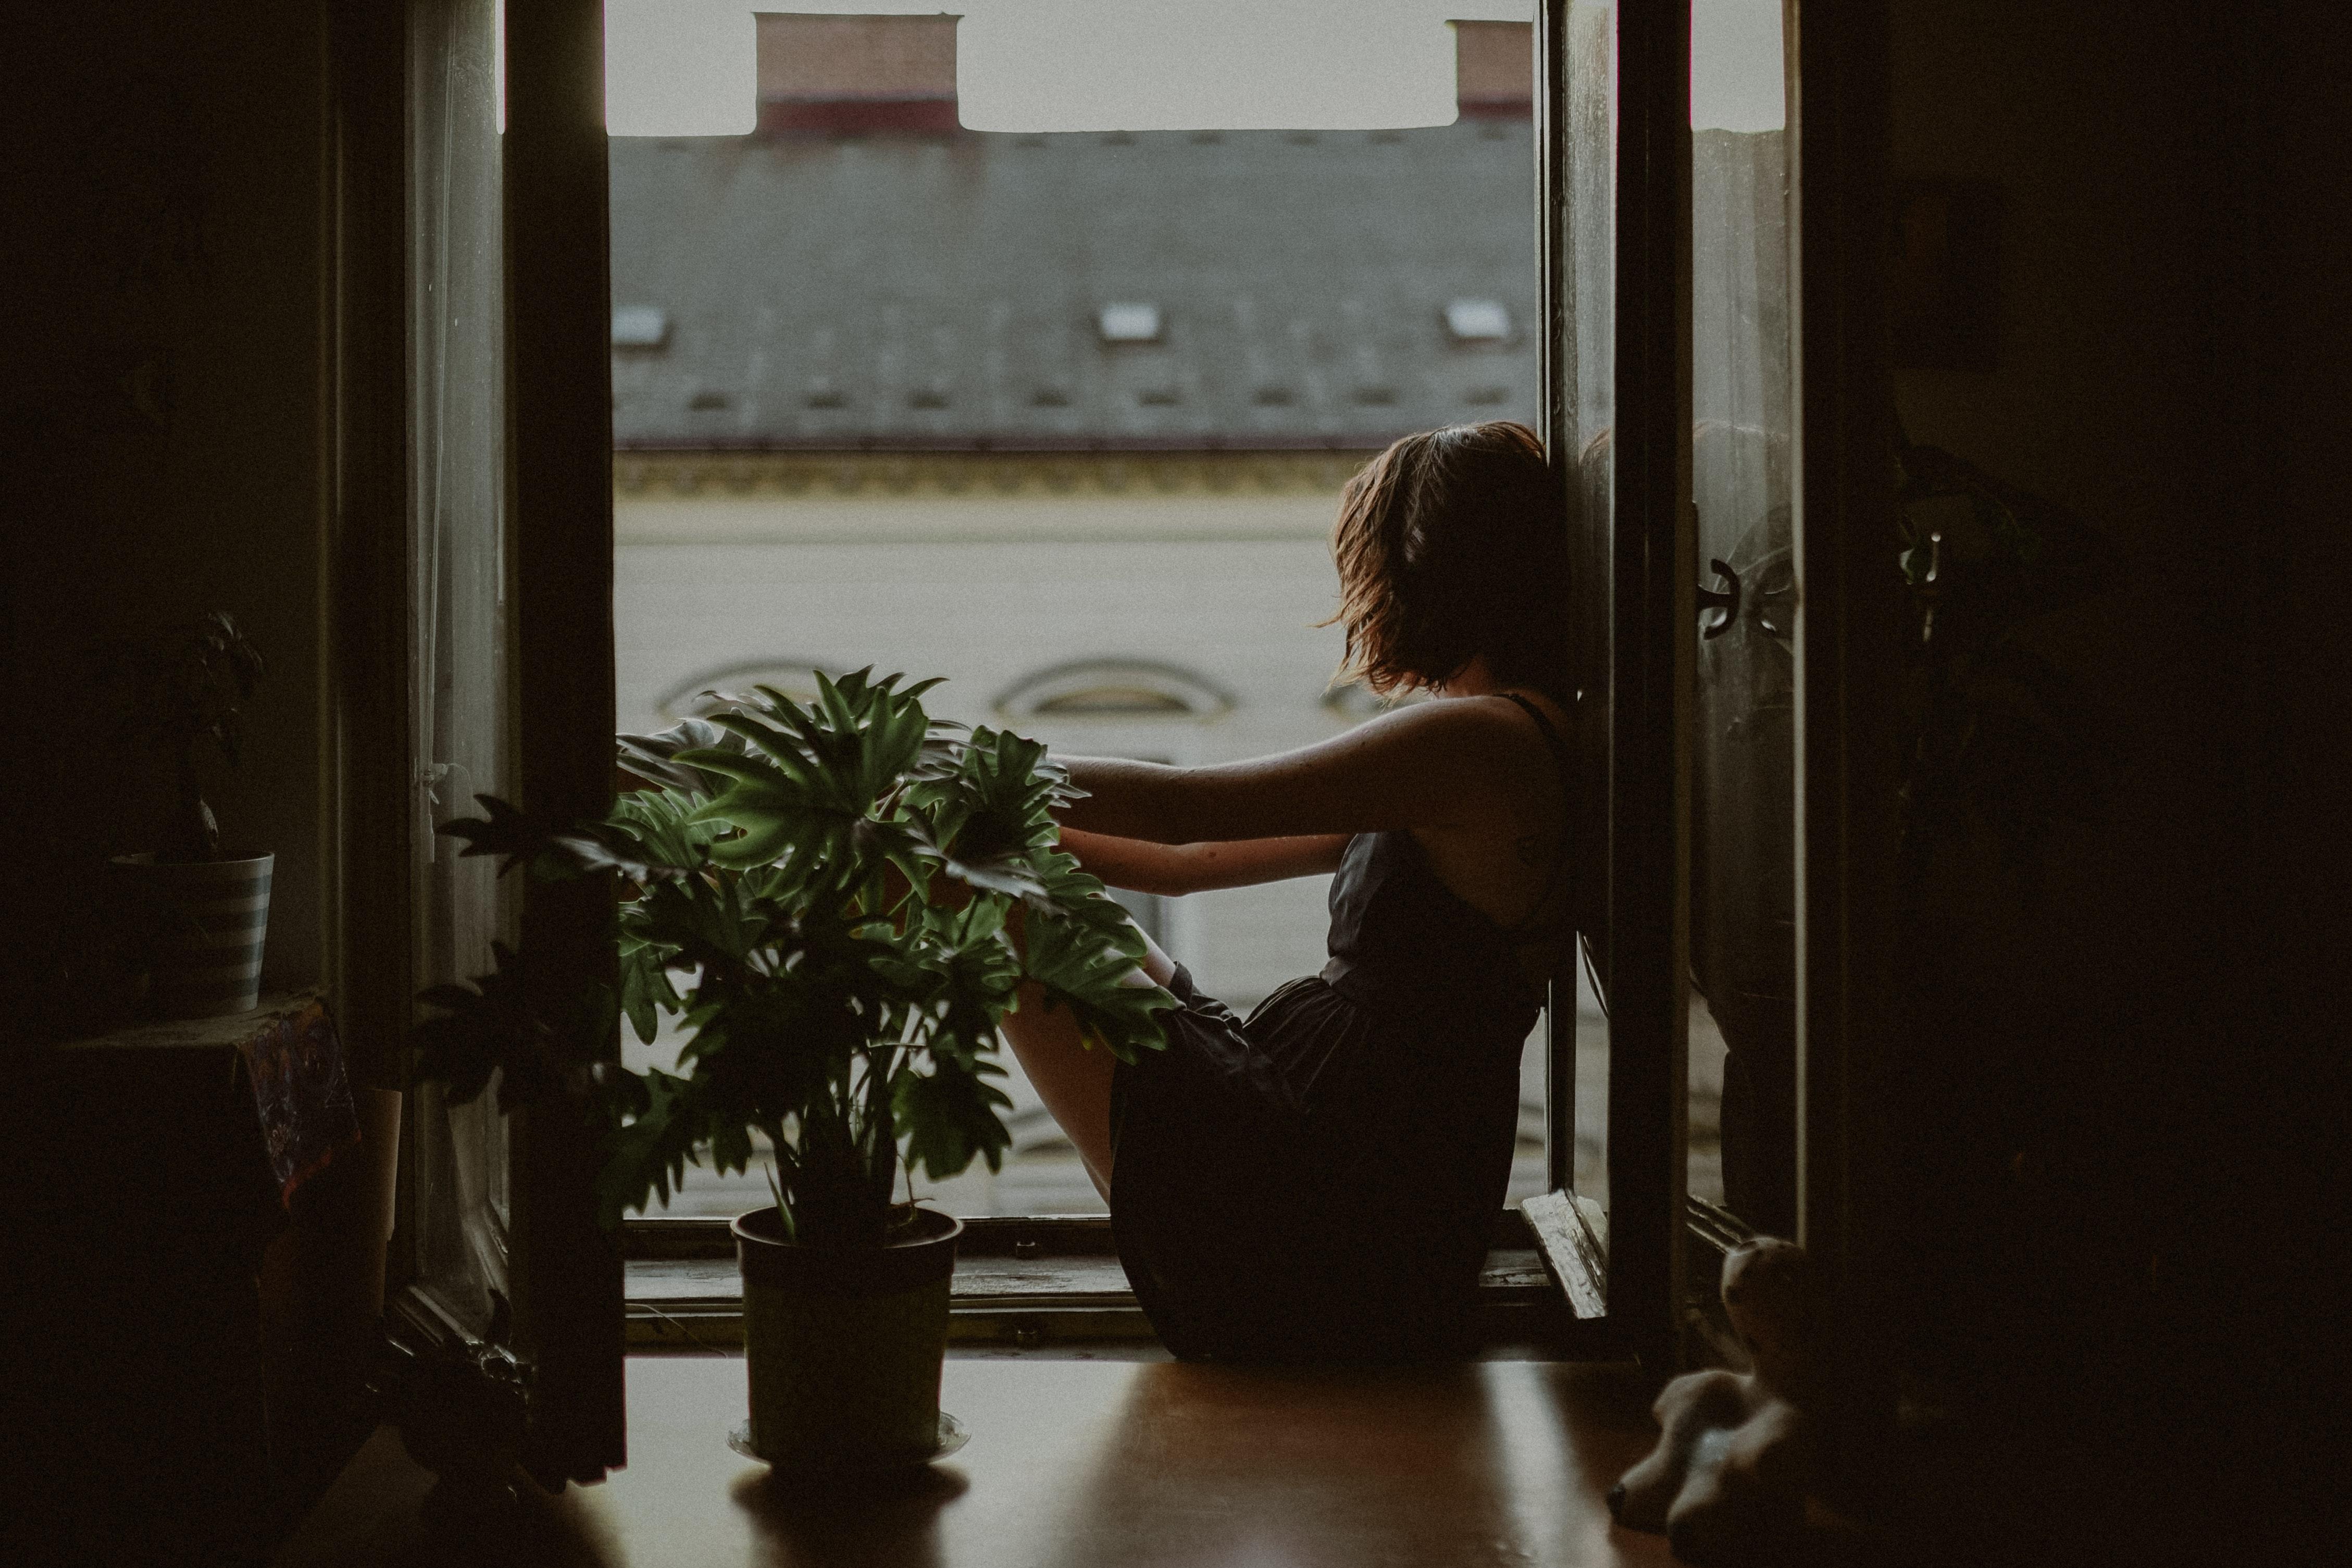 Un ghid pentru introvertiti pentru a fi mai sociabili